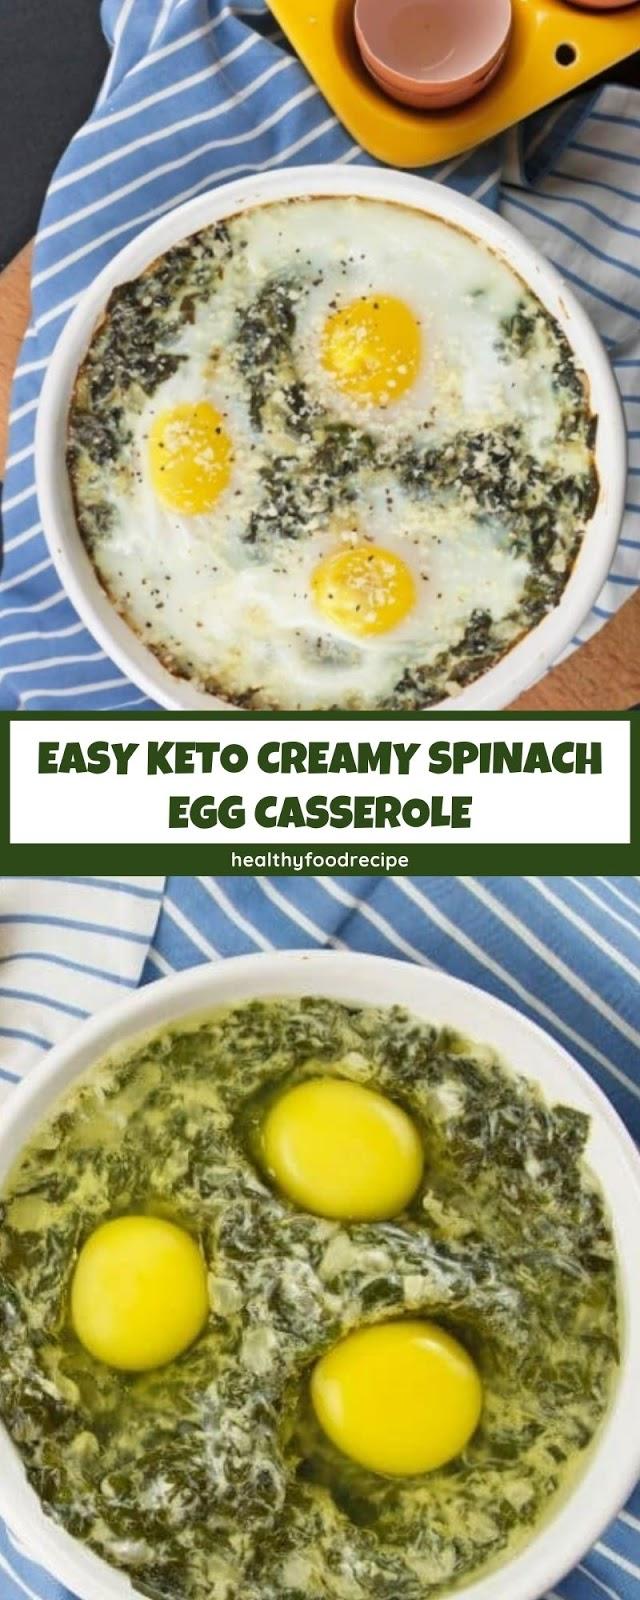 EASY KETO CREAMY SPINACH EGG CASSEROLE